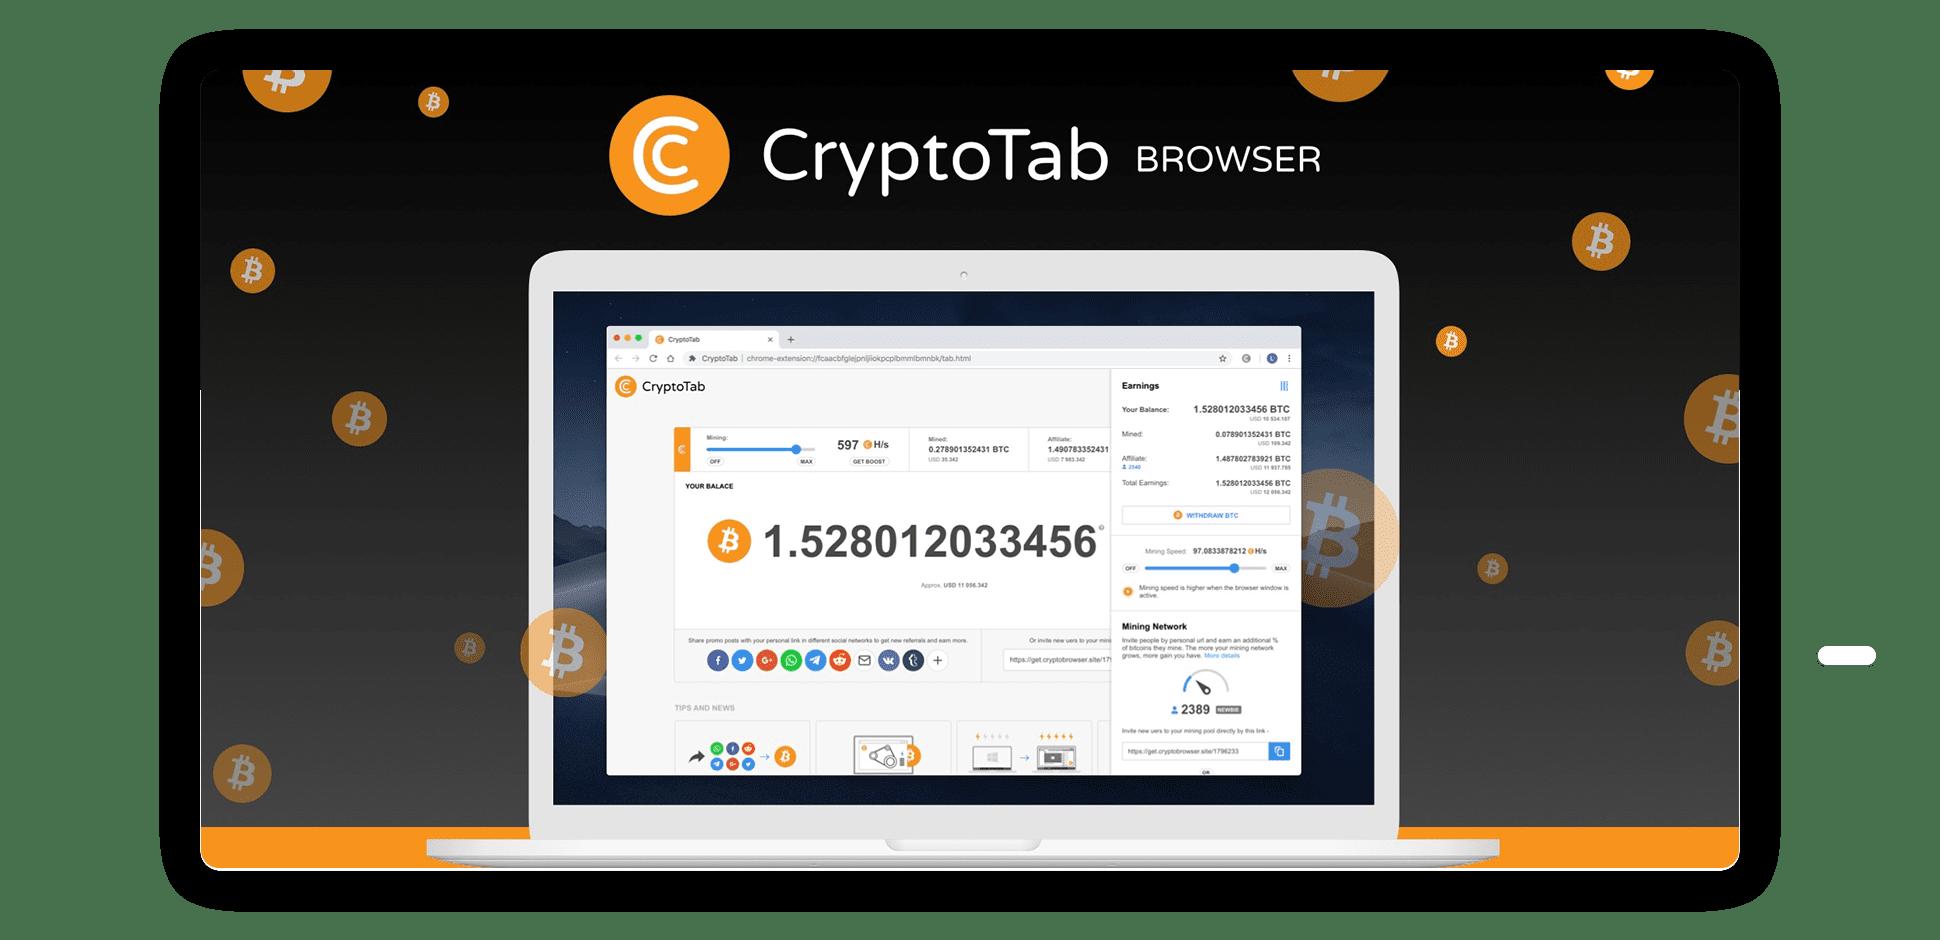 cryptotab browser bitcoin 100 miliardi di tappo del mercato